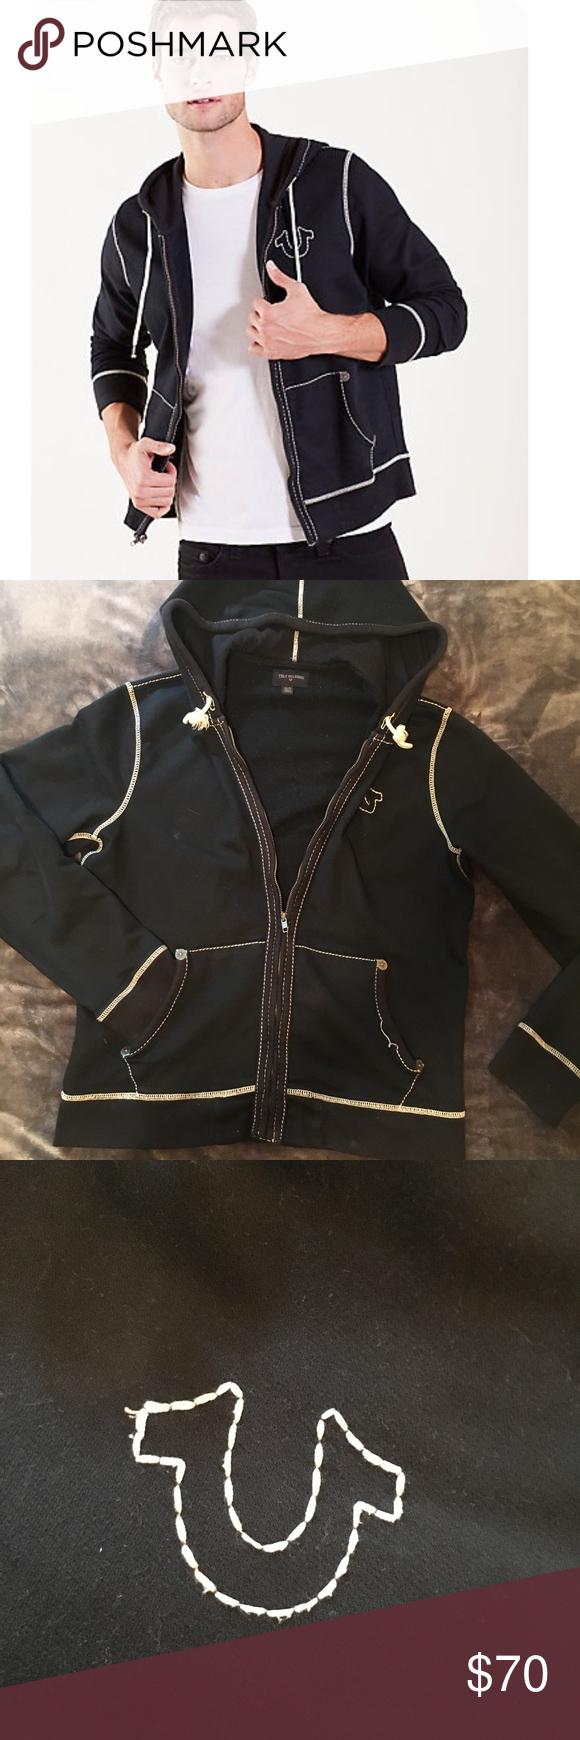 c5347f3134a83 Men's True Religion Stitch Jacket Like New Men's True Religion jacket.  Looks like new! Make offers! True Religion Jackets & Coats